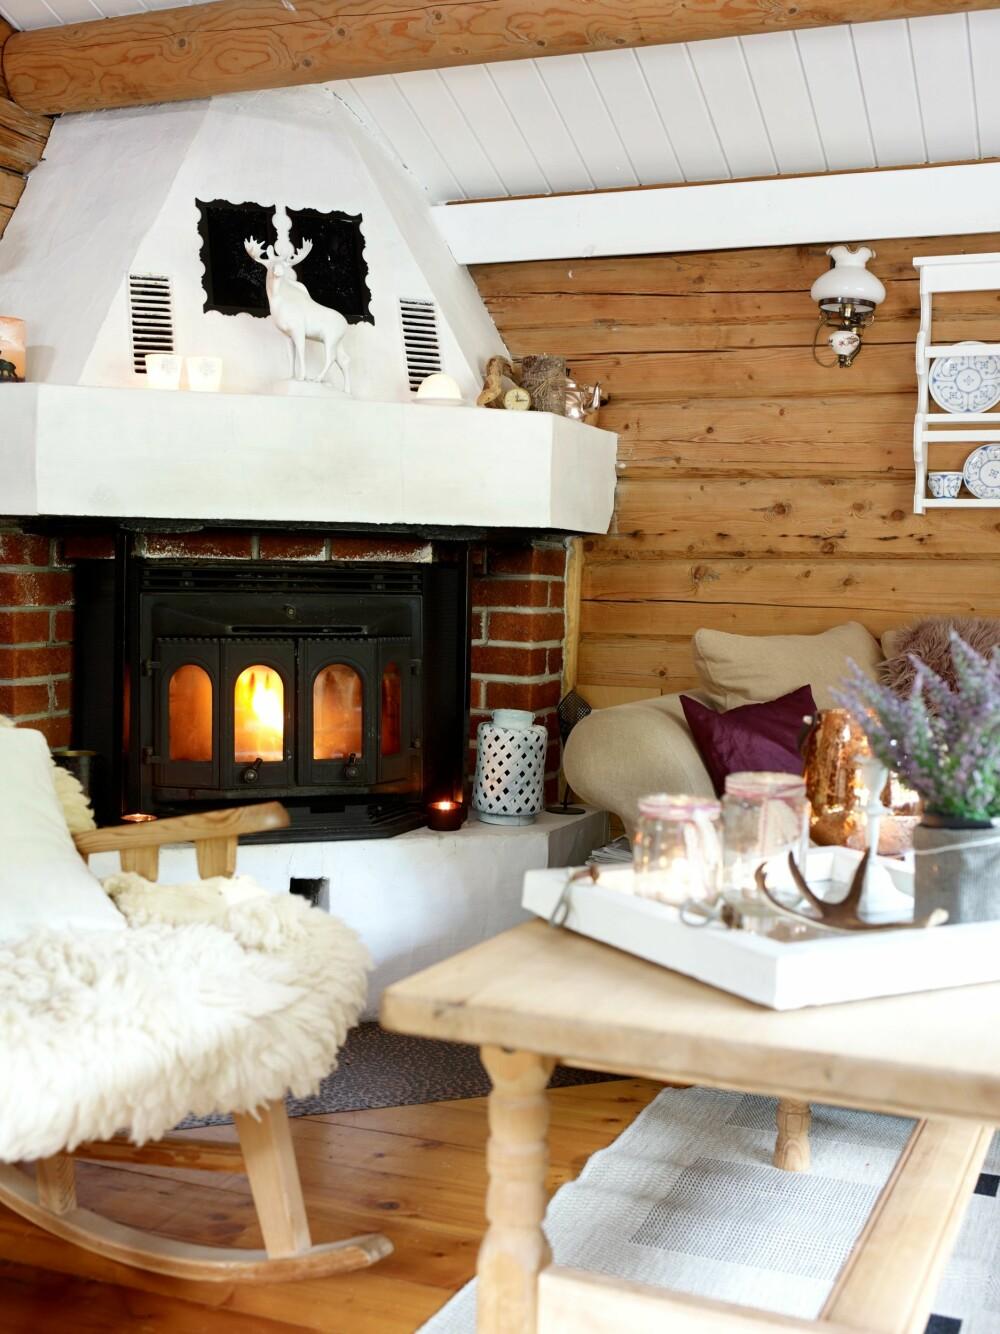 HJERTEROM: Stuen foran peisen er stedet for de gode stundene. Peisen skal males helt hvit. Rundtømmeret i taket er fremhevet ved at taket er malt hvitt.